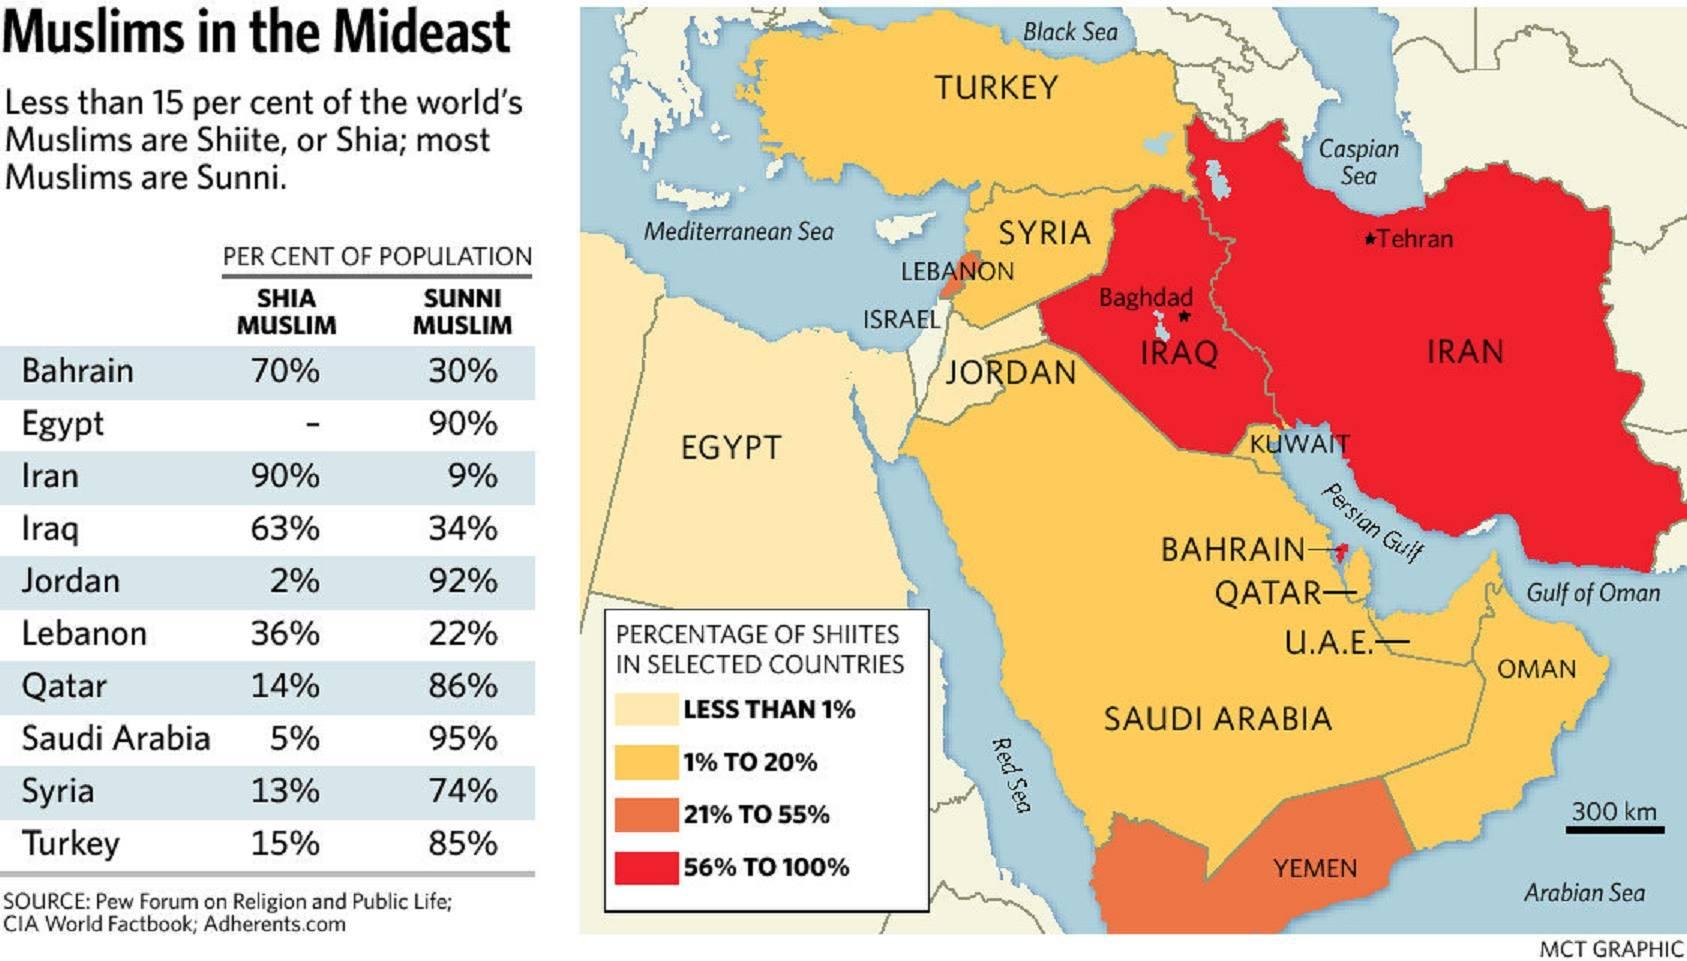 Οἱ Σουνῖτες (ISIS) εἶναι παραδοσιακοὶ σύμμαχοι τοῦ Ἰσραήλ!!!3